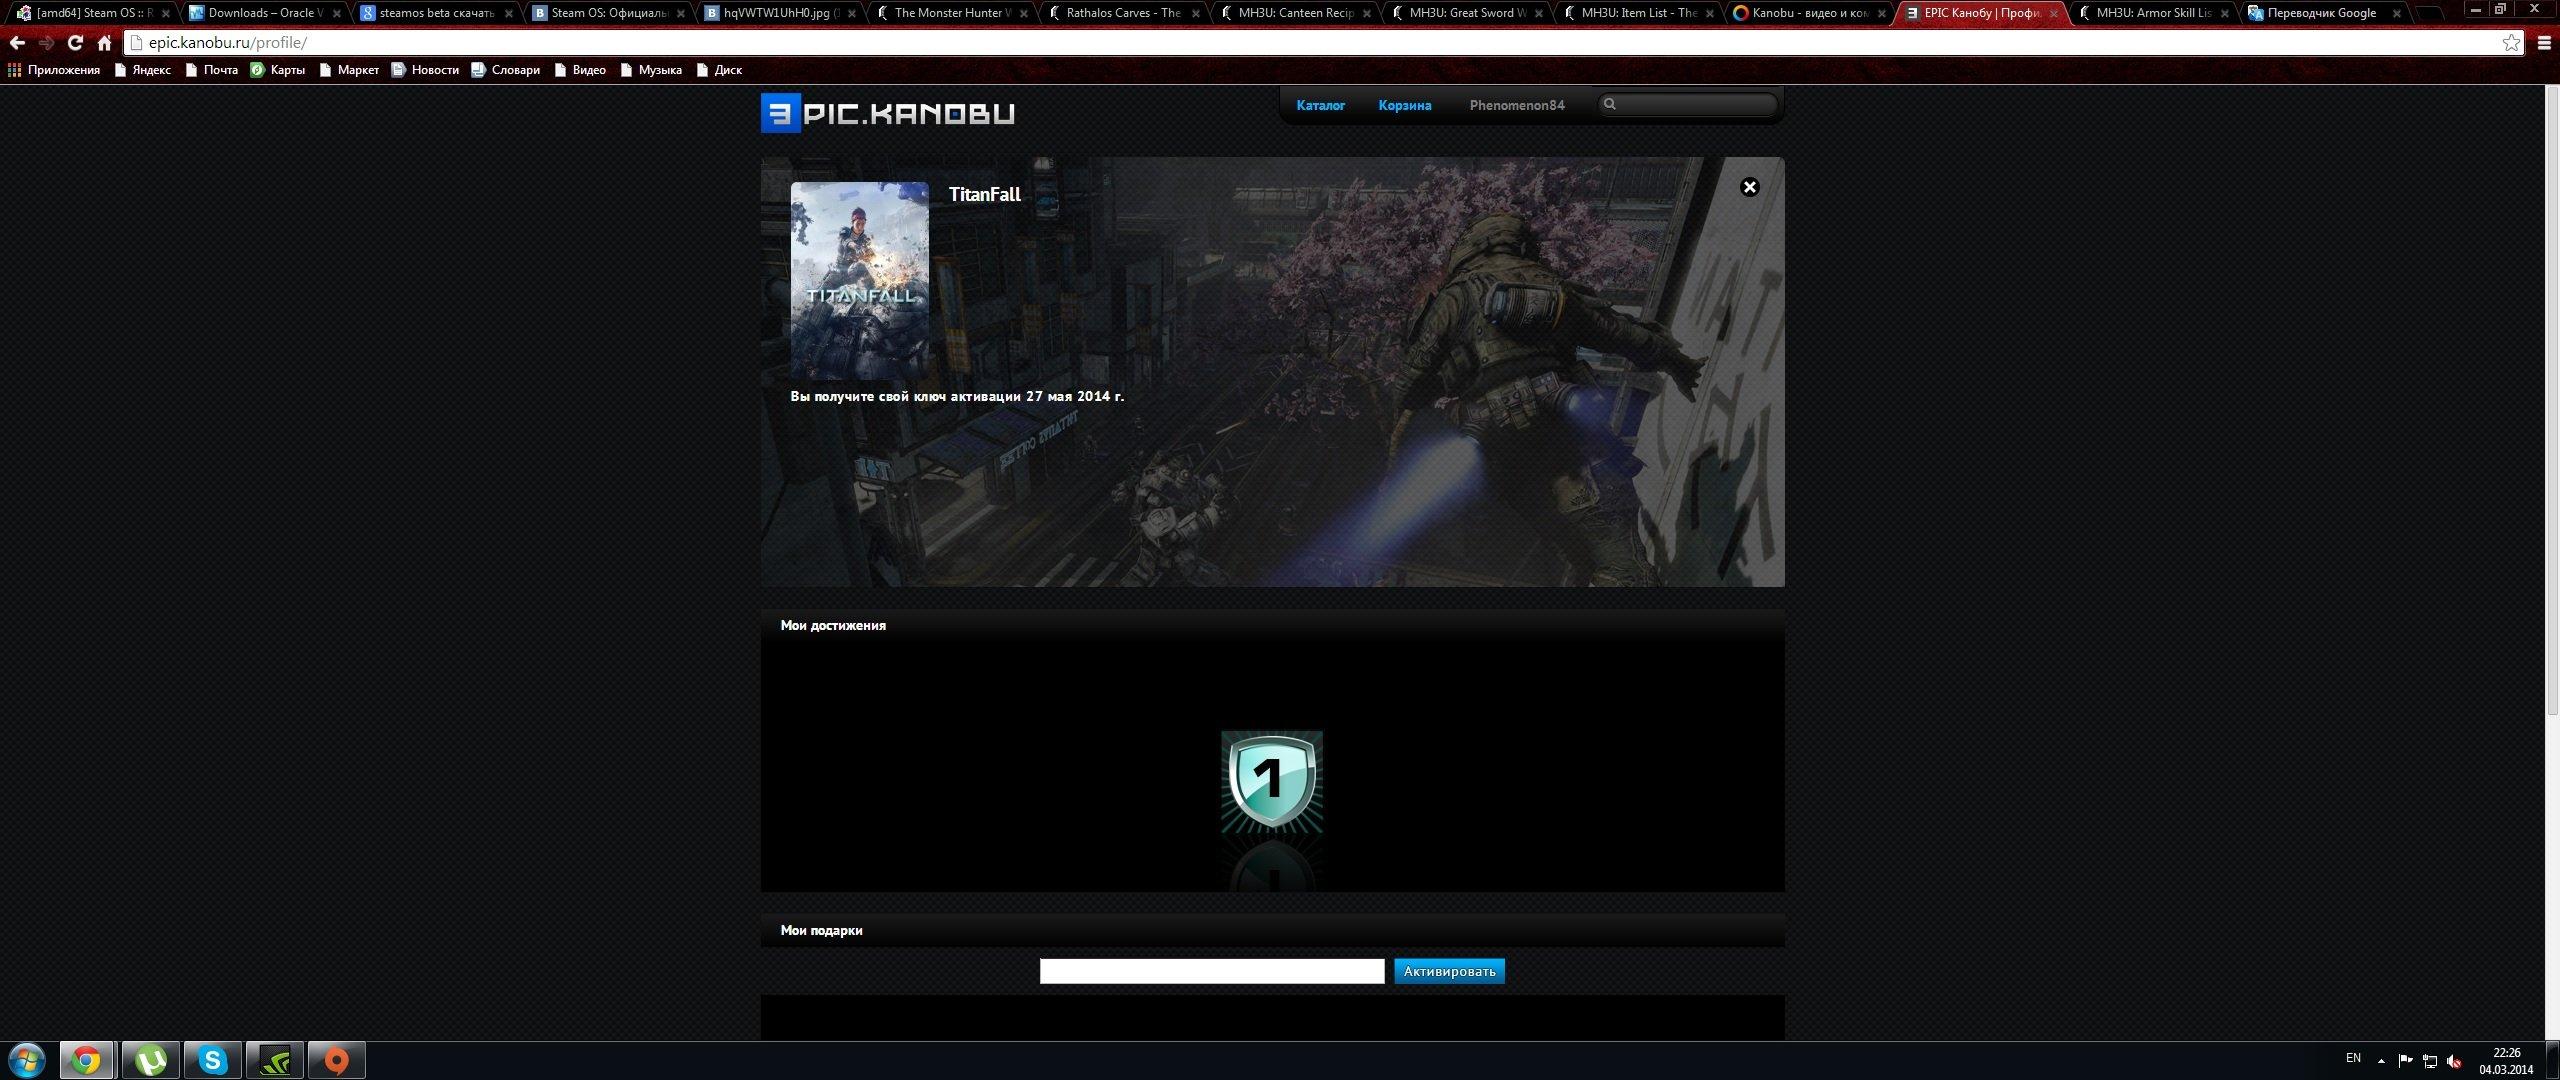 Я один негодую о покупке ключа для Titanfall на канобу?  - Изображение 1